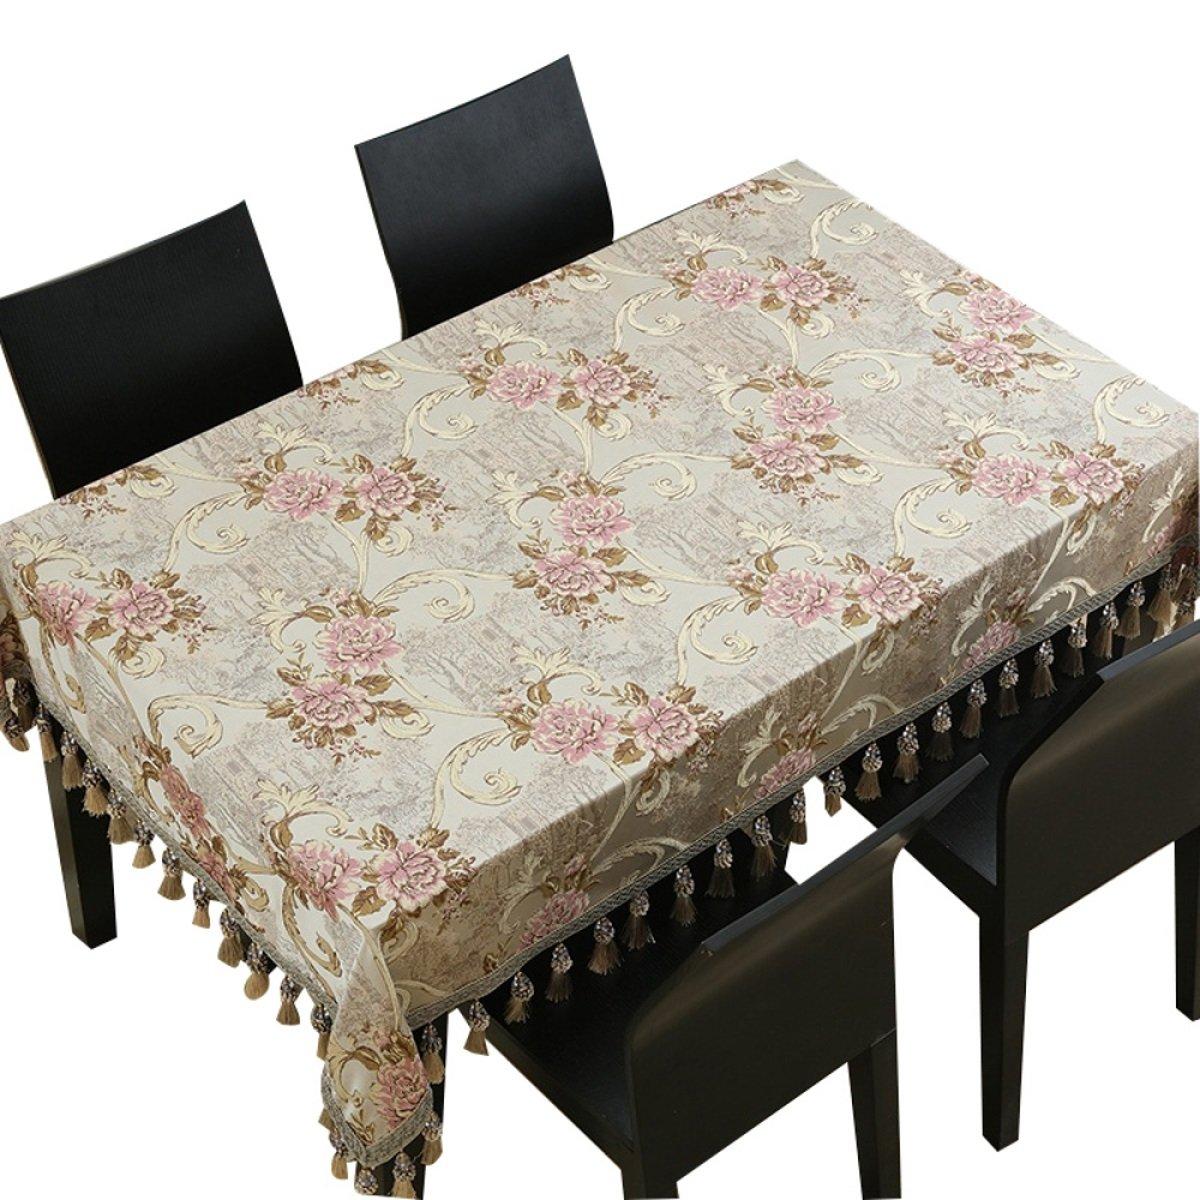 Beige 140240cm TAO Nappe Tissu Chemin de Table Thé Table Tissu Rectangulaire Maison Salon Table Ouest Tissu Table Table Basse Sale Facile à Nettoyer (Couleur   Vert, taille   140140cm)